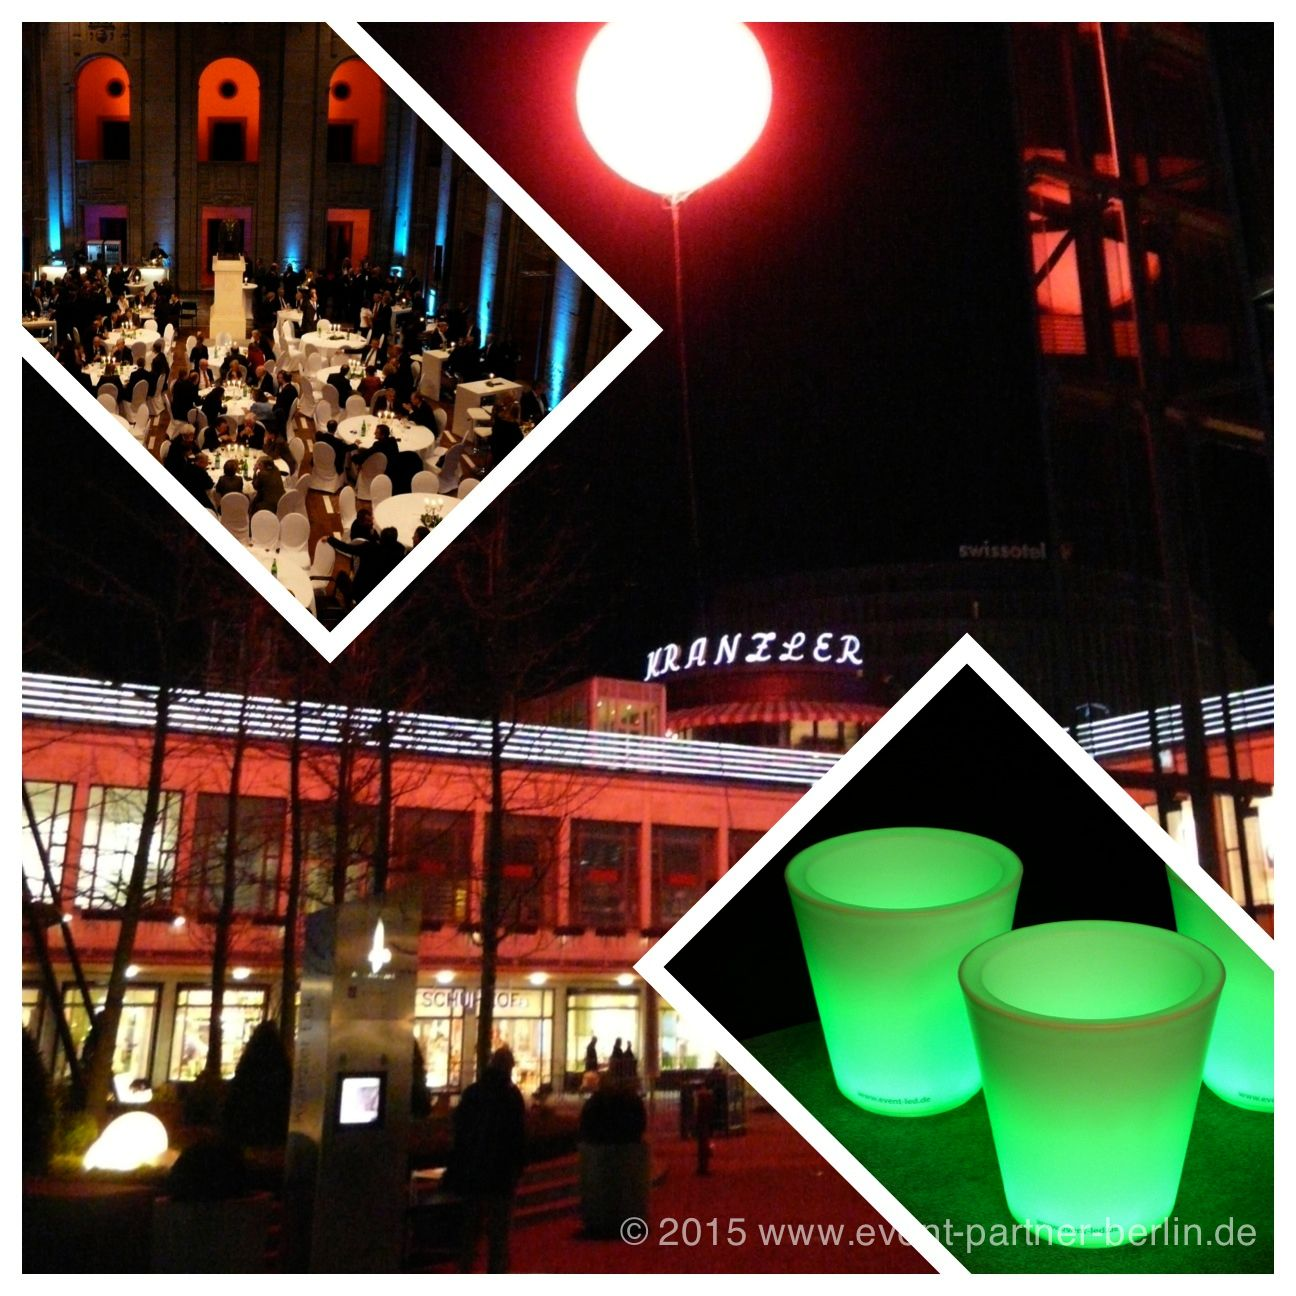 www.event-led.de Berlin Auch die normale Veranstaltungstechnik können Sie natürlich bei uns mieten. Hier AUfnahmen aus dem Stadthaus Berlin (Bärensaal) und dem Café Kranzler (jetzt Kranzler-Eck) Berlin.